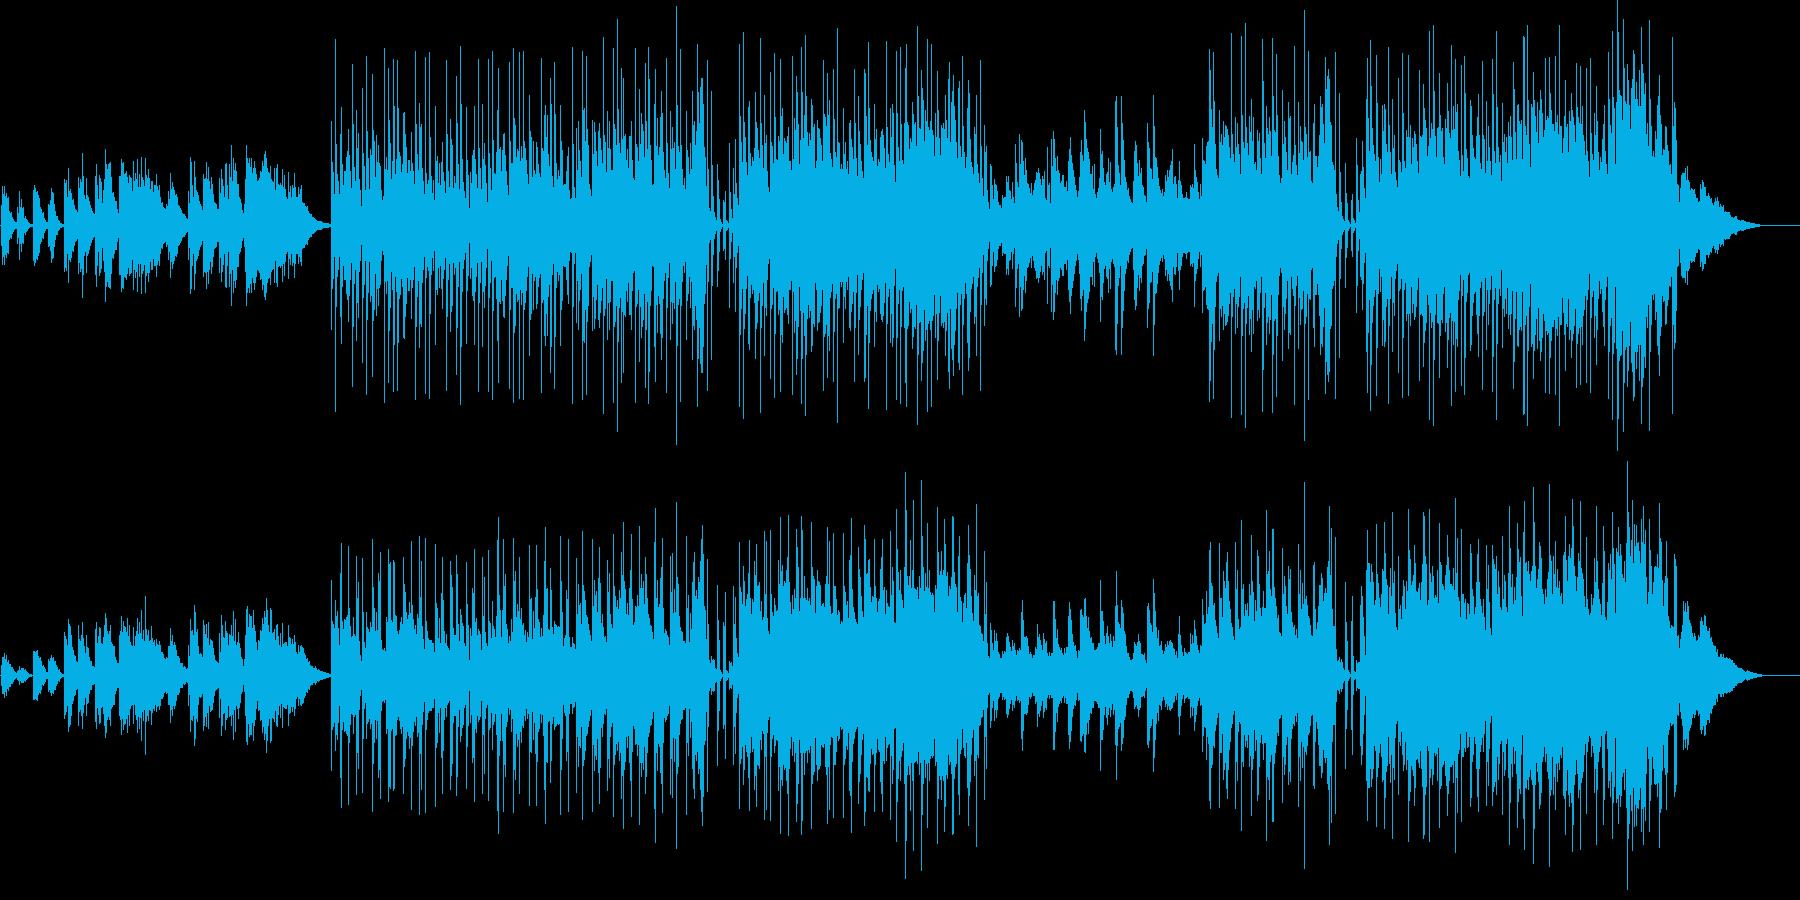 映像向けのアコースティックバラードの再生済みの波形